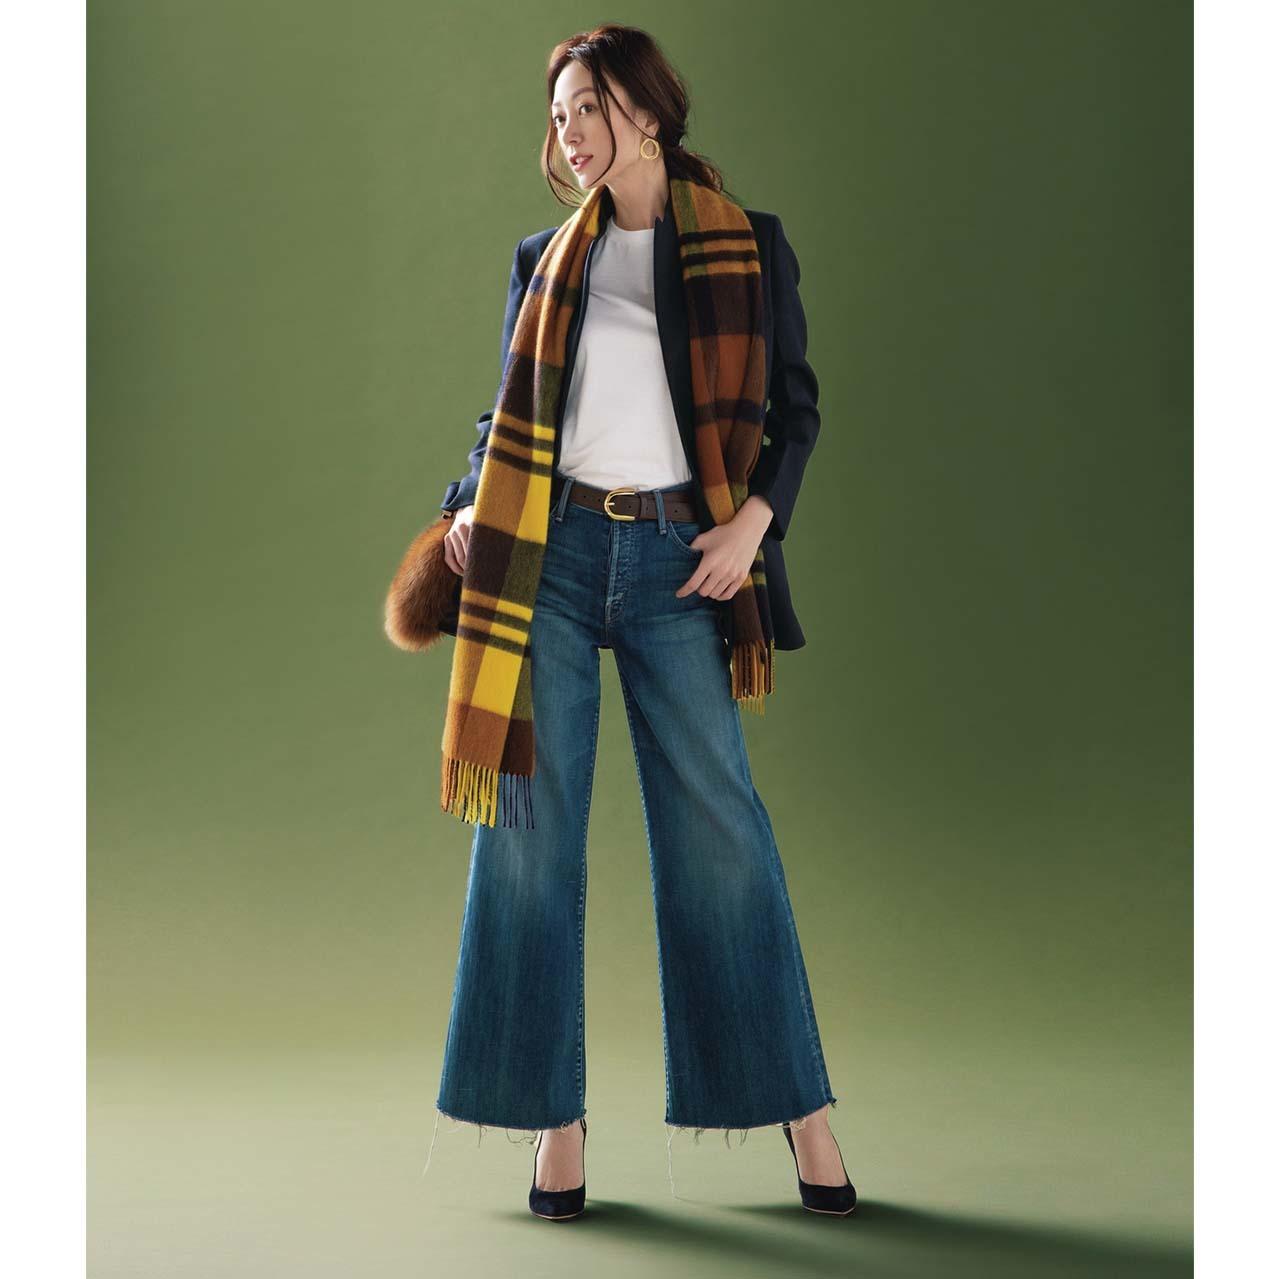 ジャケット×白Tシャツ×デニムパンツコーデを着たモデルの内田ナナさん